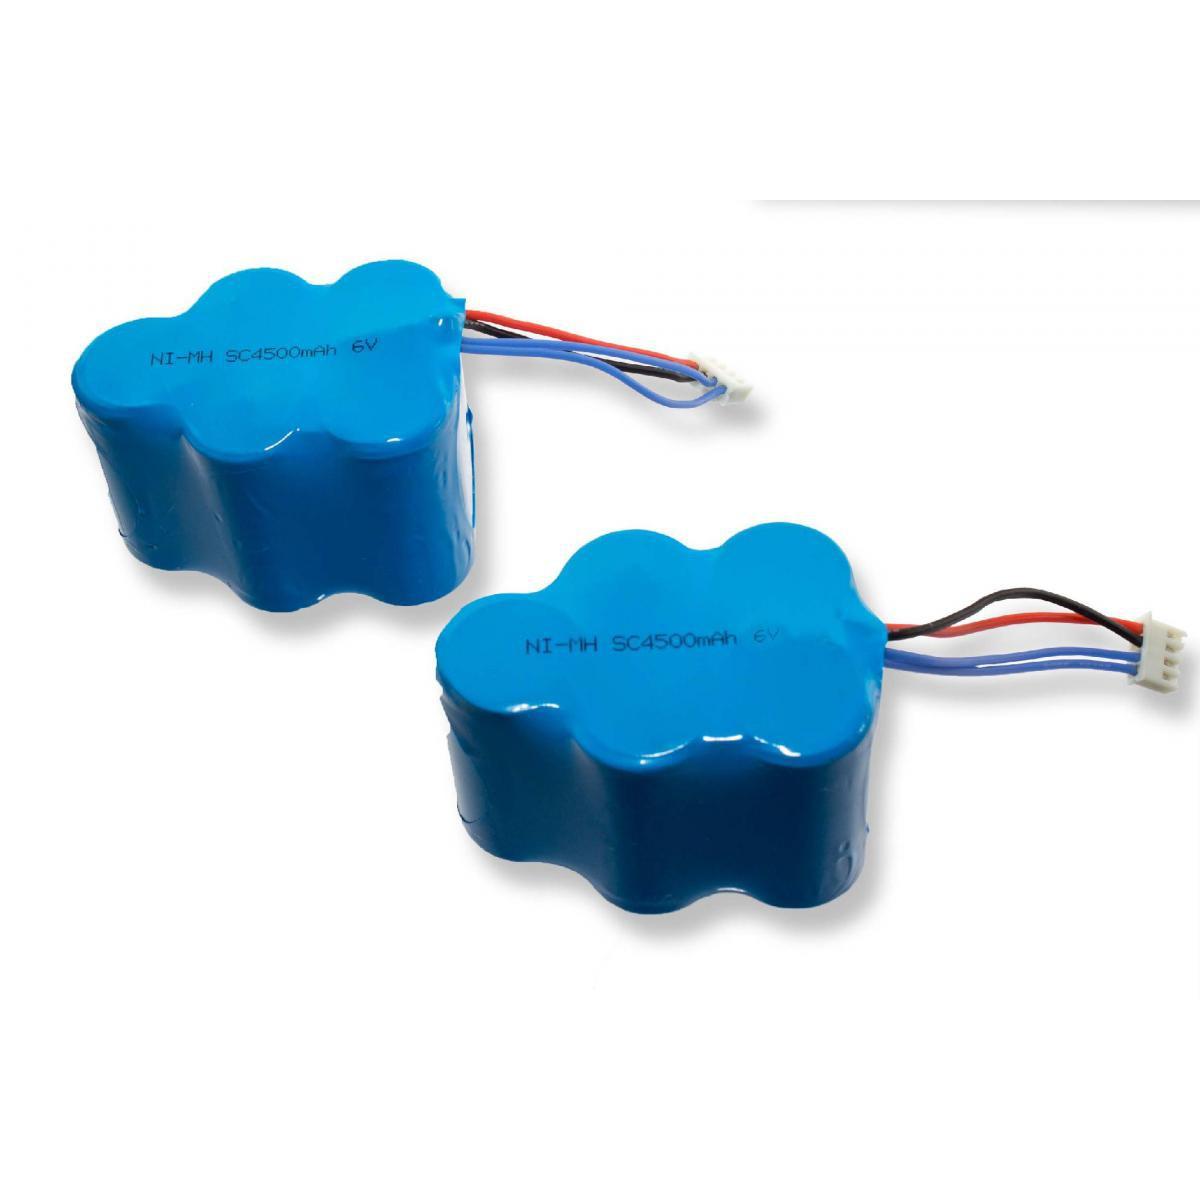 Vhbw INTENSILO 2 x NiMH Batterie 4500mAh (6V) pour aspirateur Hoover RVC0010, RVC0011, RVC0011-001 comme LP43SC3300P5.